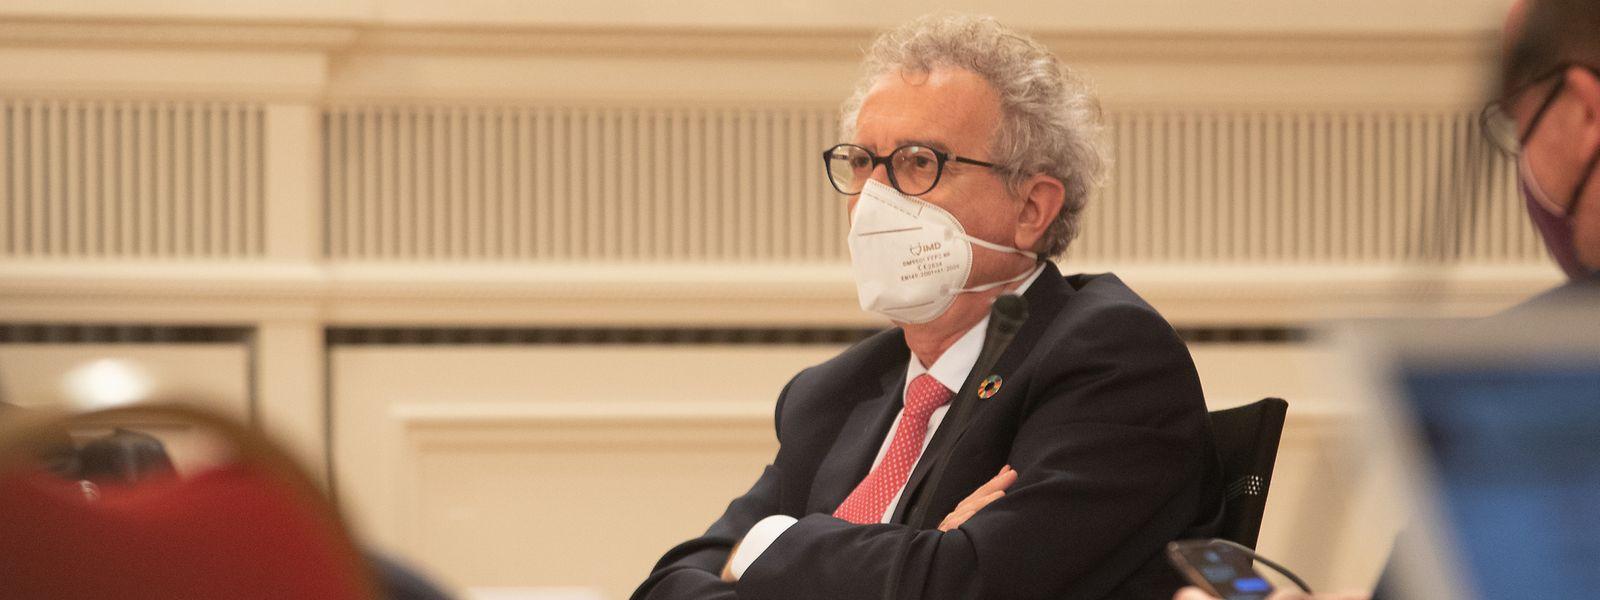 Si Pierre Gramegna assure qu'«il est trop tôt pour en tirer une conclusion pour l'année 2021 dans son ensemble», le ministre des Finances juge que la situation budgétaire du pays devrait tirer bénéfice de la fin programmée de la pandémie.